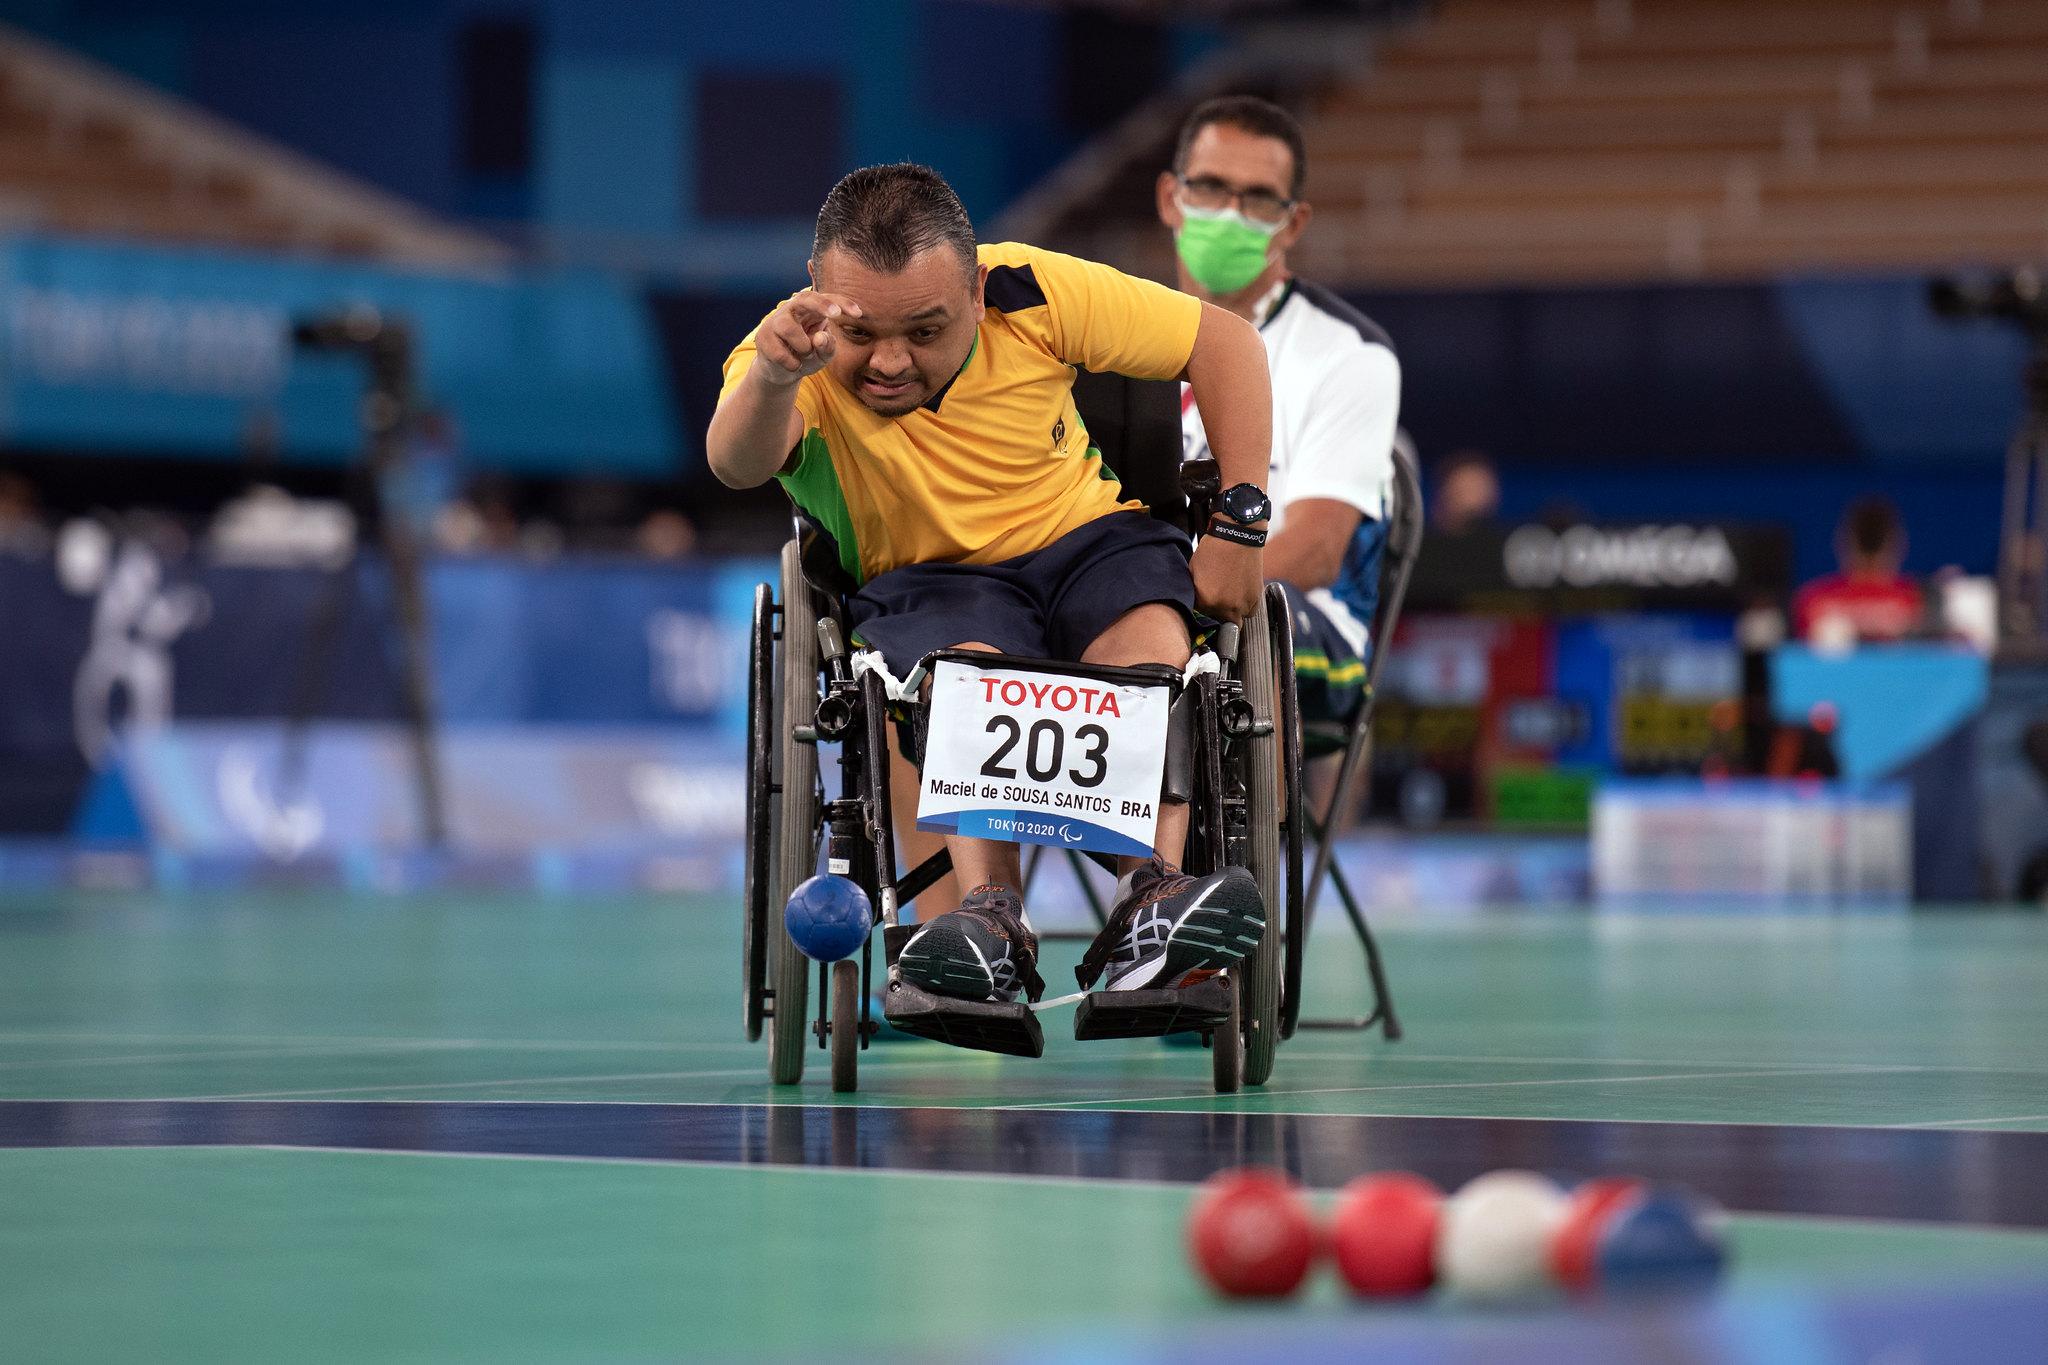 Maciel, sentado em uma cadeira de rodas, arremessa uma bola azul na área de competição